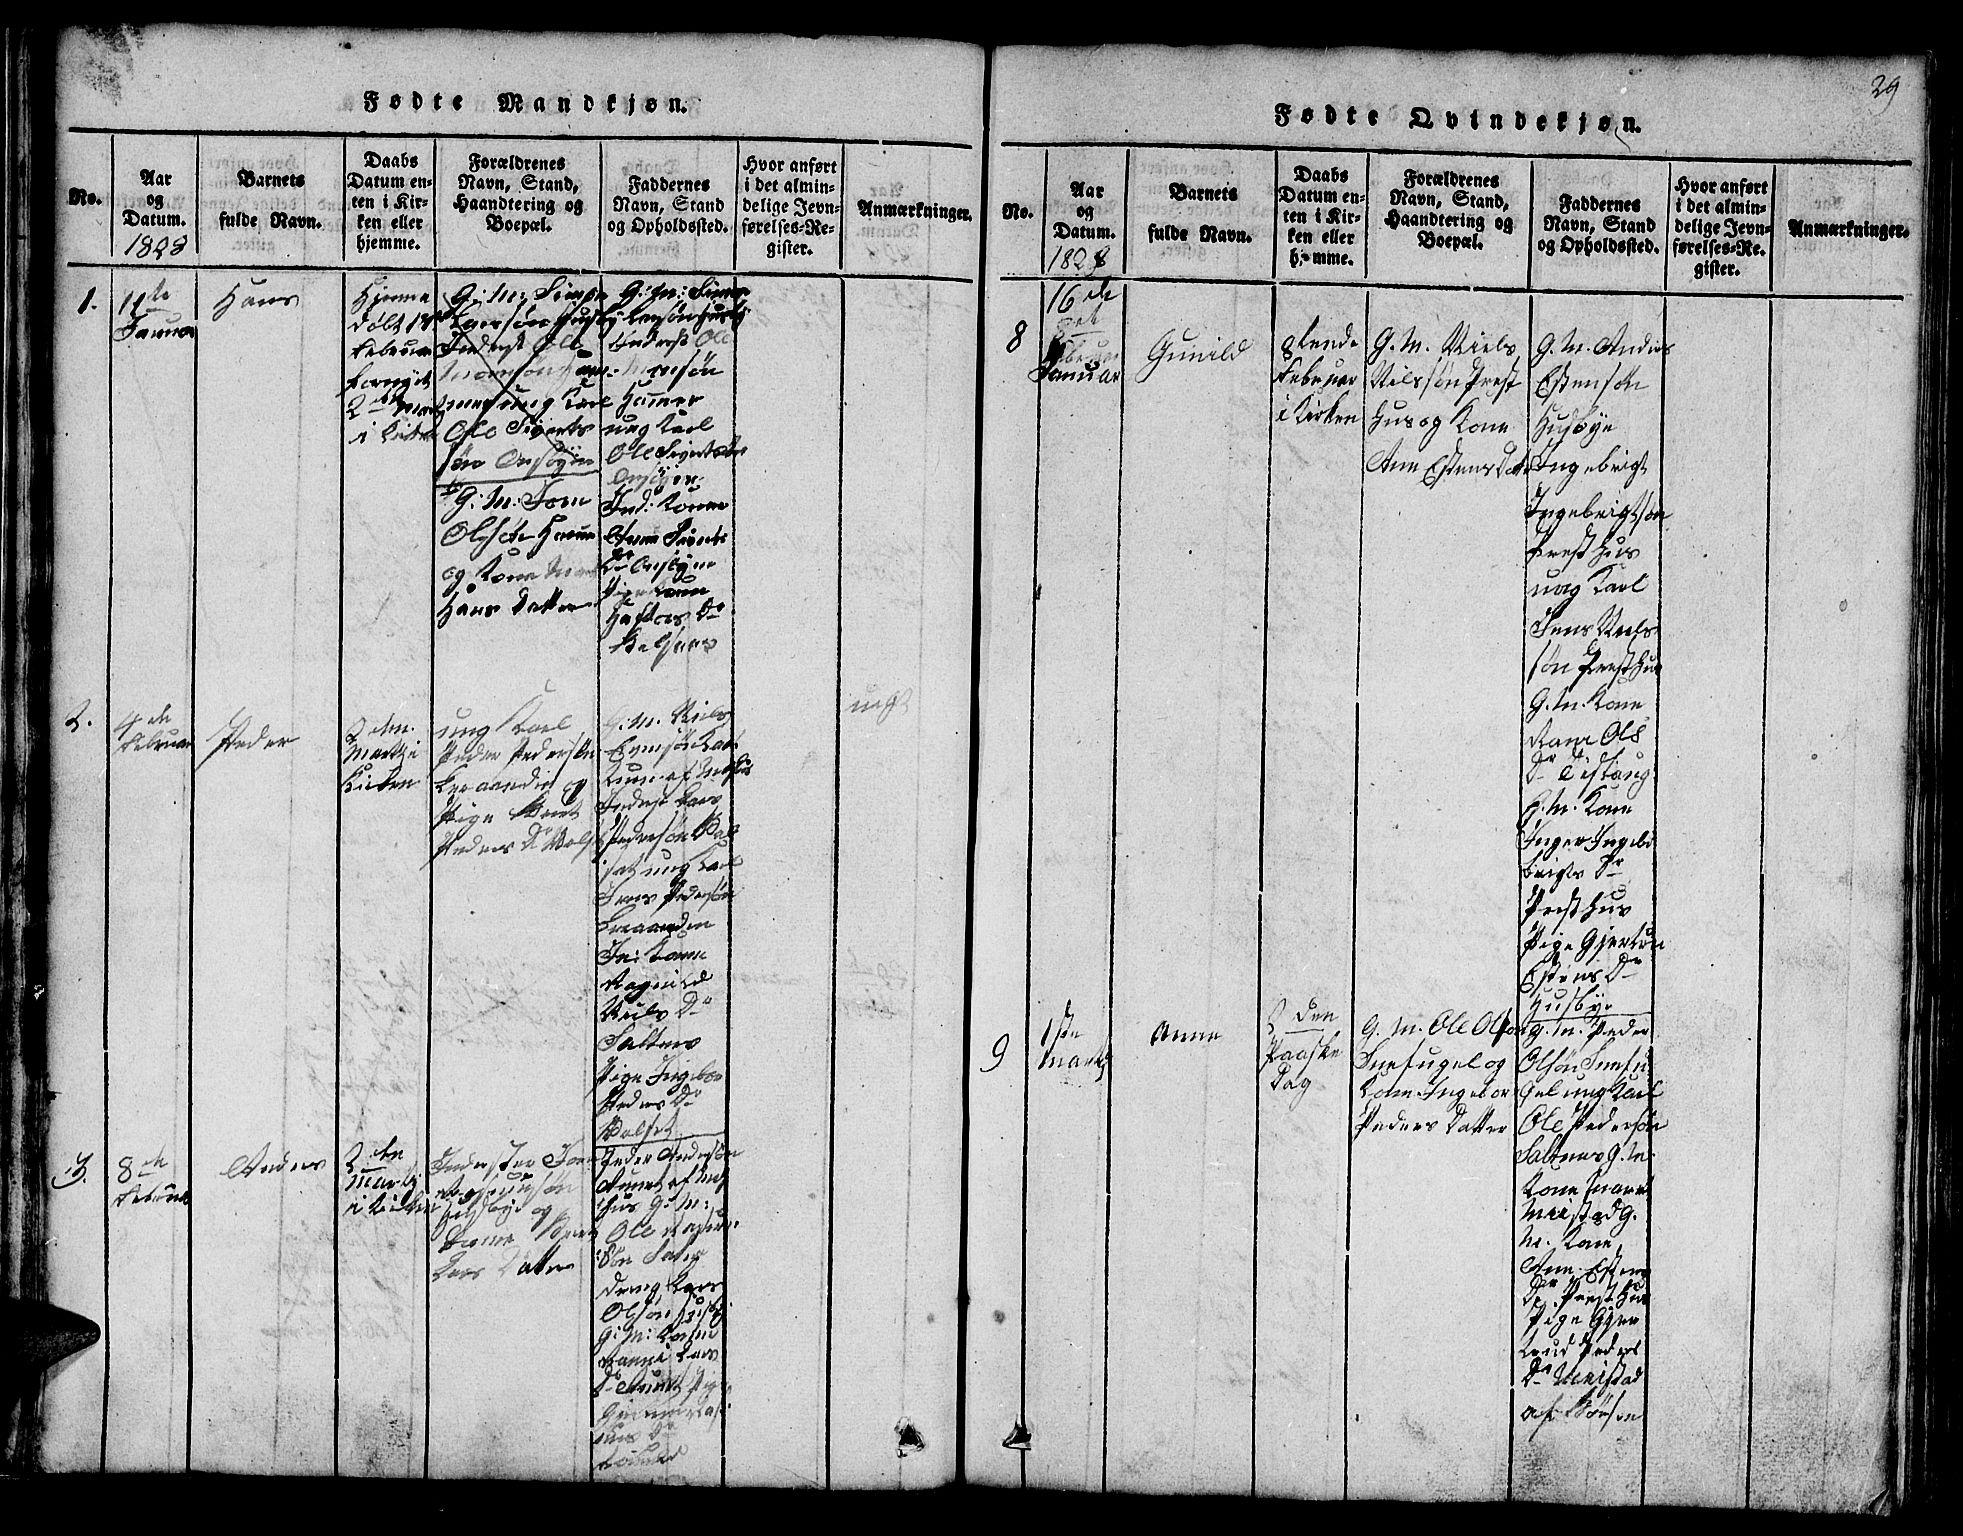 SAT, Ministerialprotokoller, klokkerbøker og fødselsregistre - Sør-Trøndelag, 666/L0788: Klokkerbok nr. 666C01, 1816-1847, s. 29